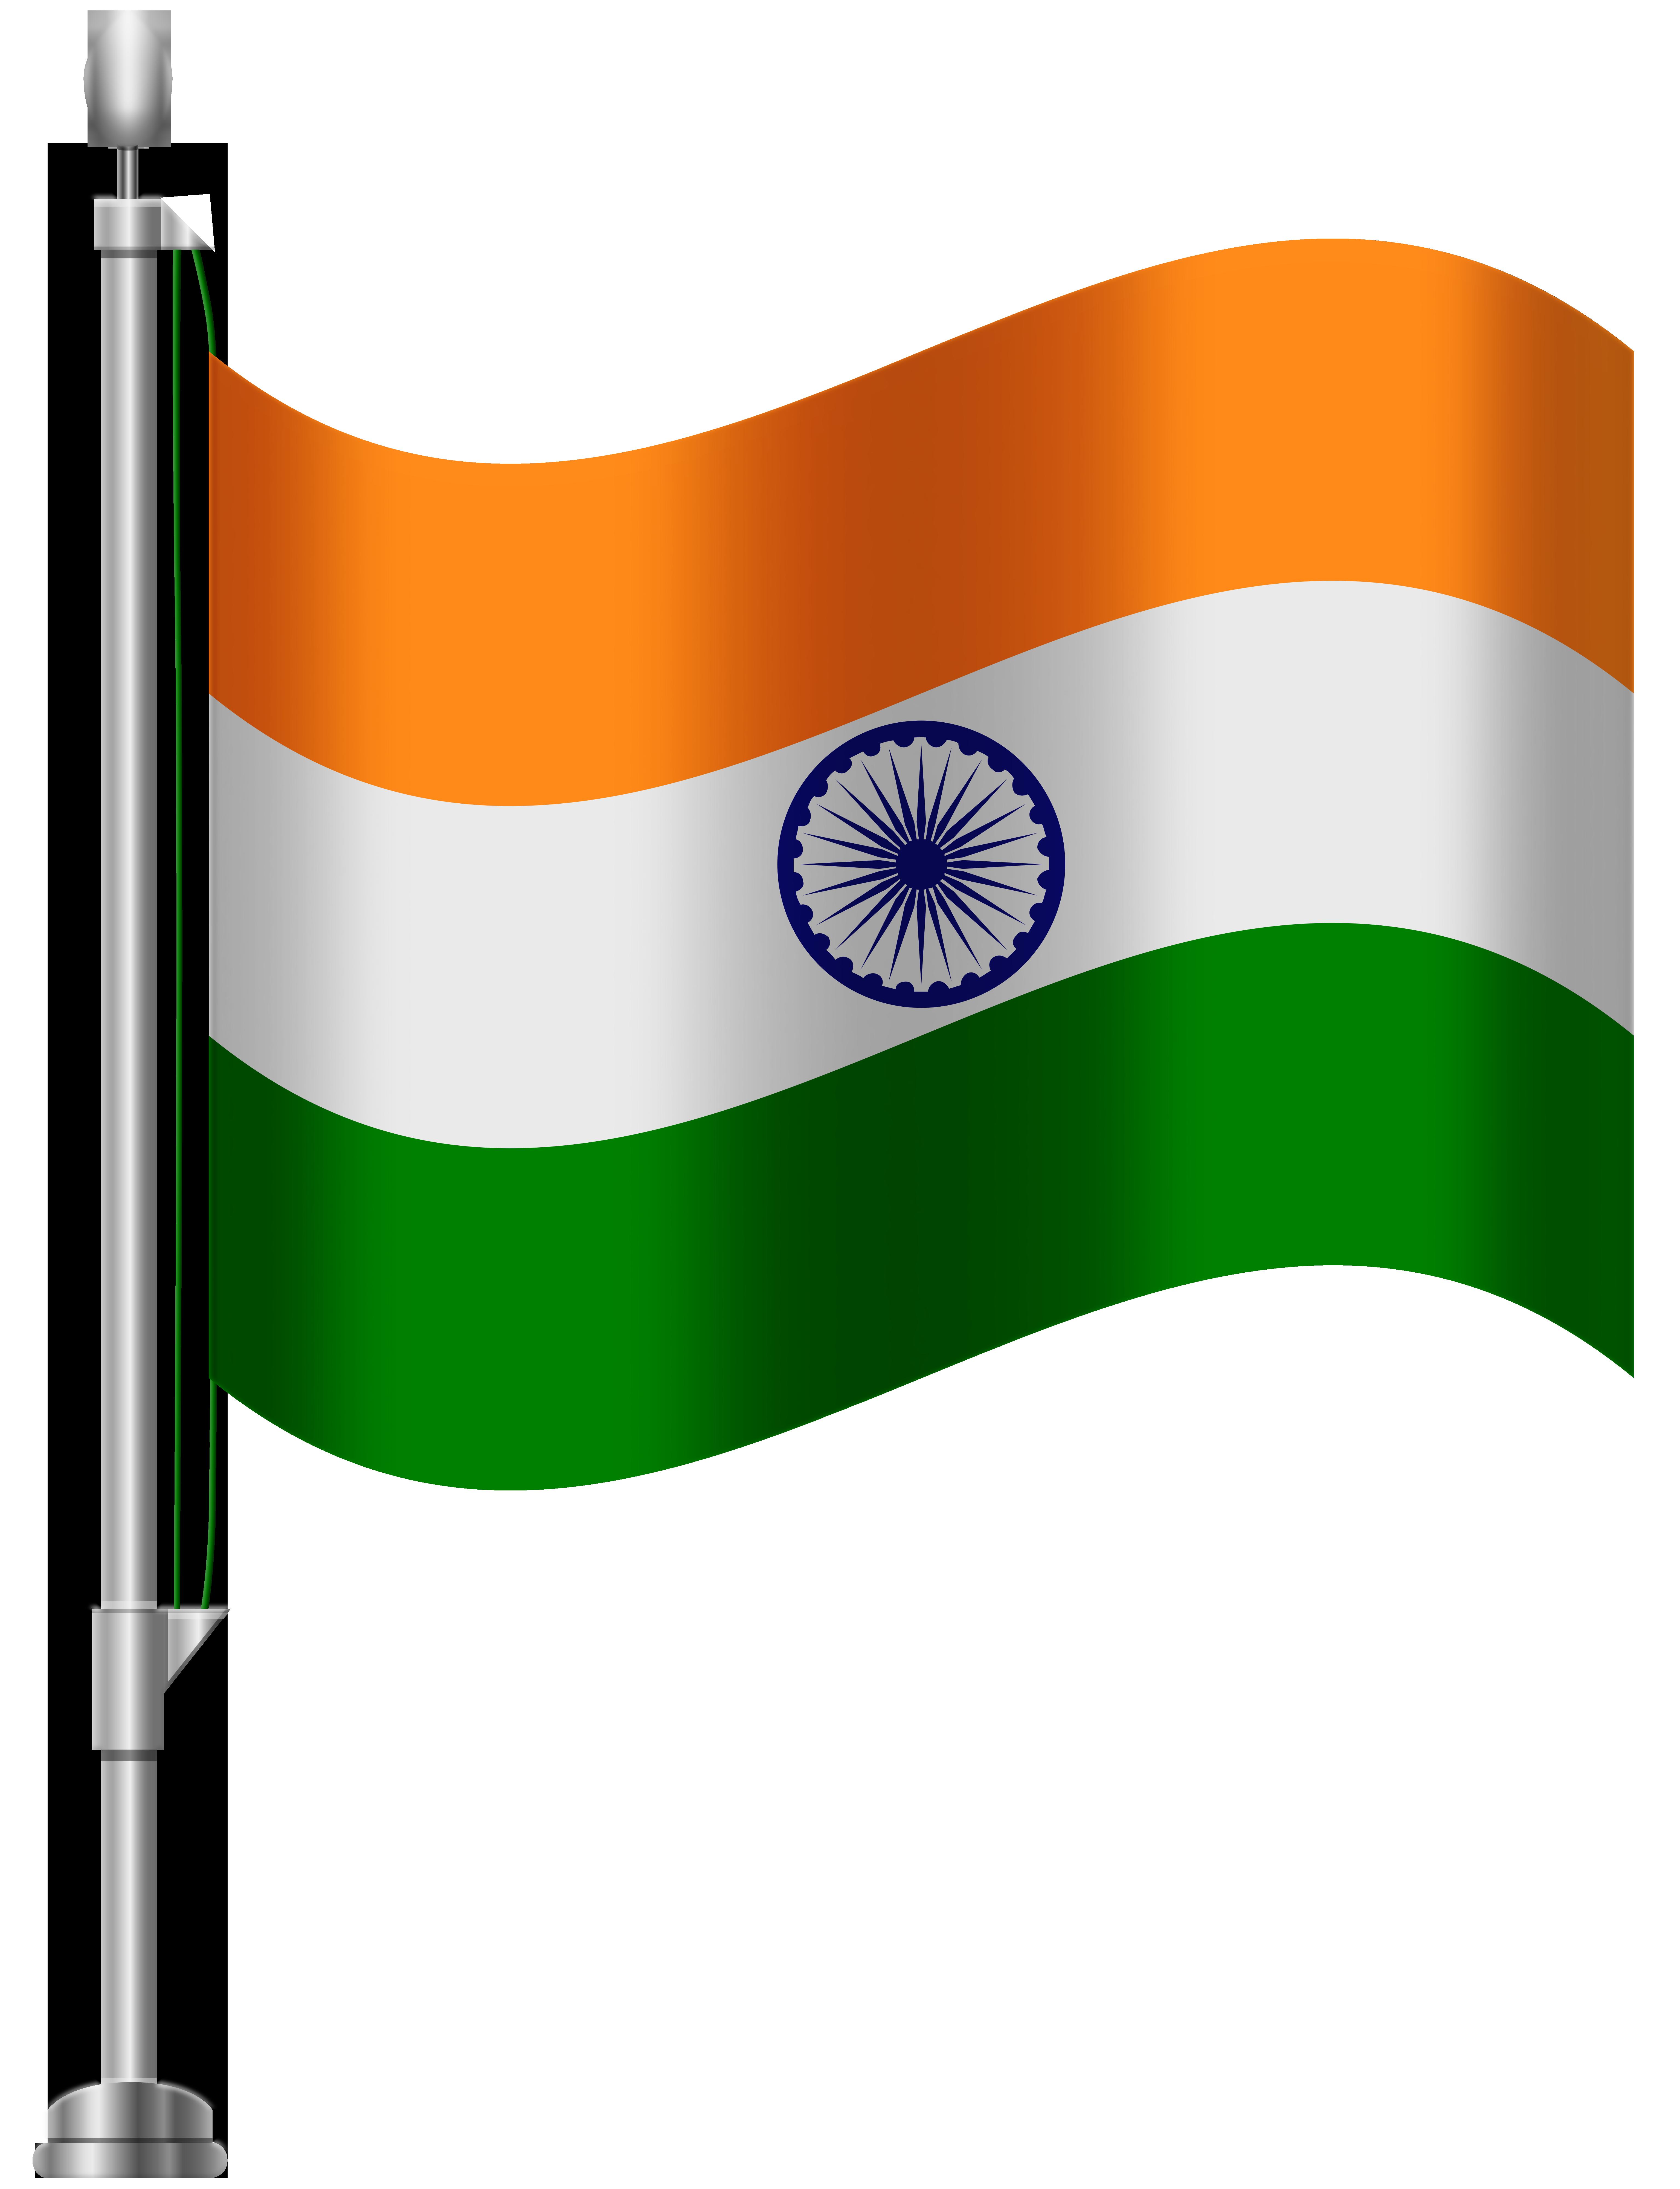 Flag clipart india graphic transparent download India Flag PNG Clip Art - Best WEB Clipart graphic transparent download